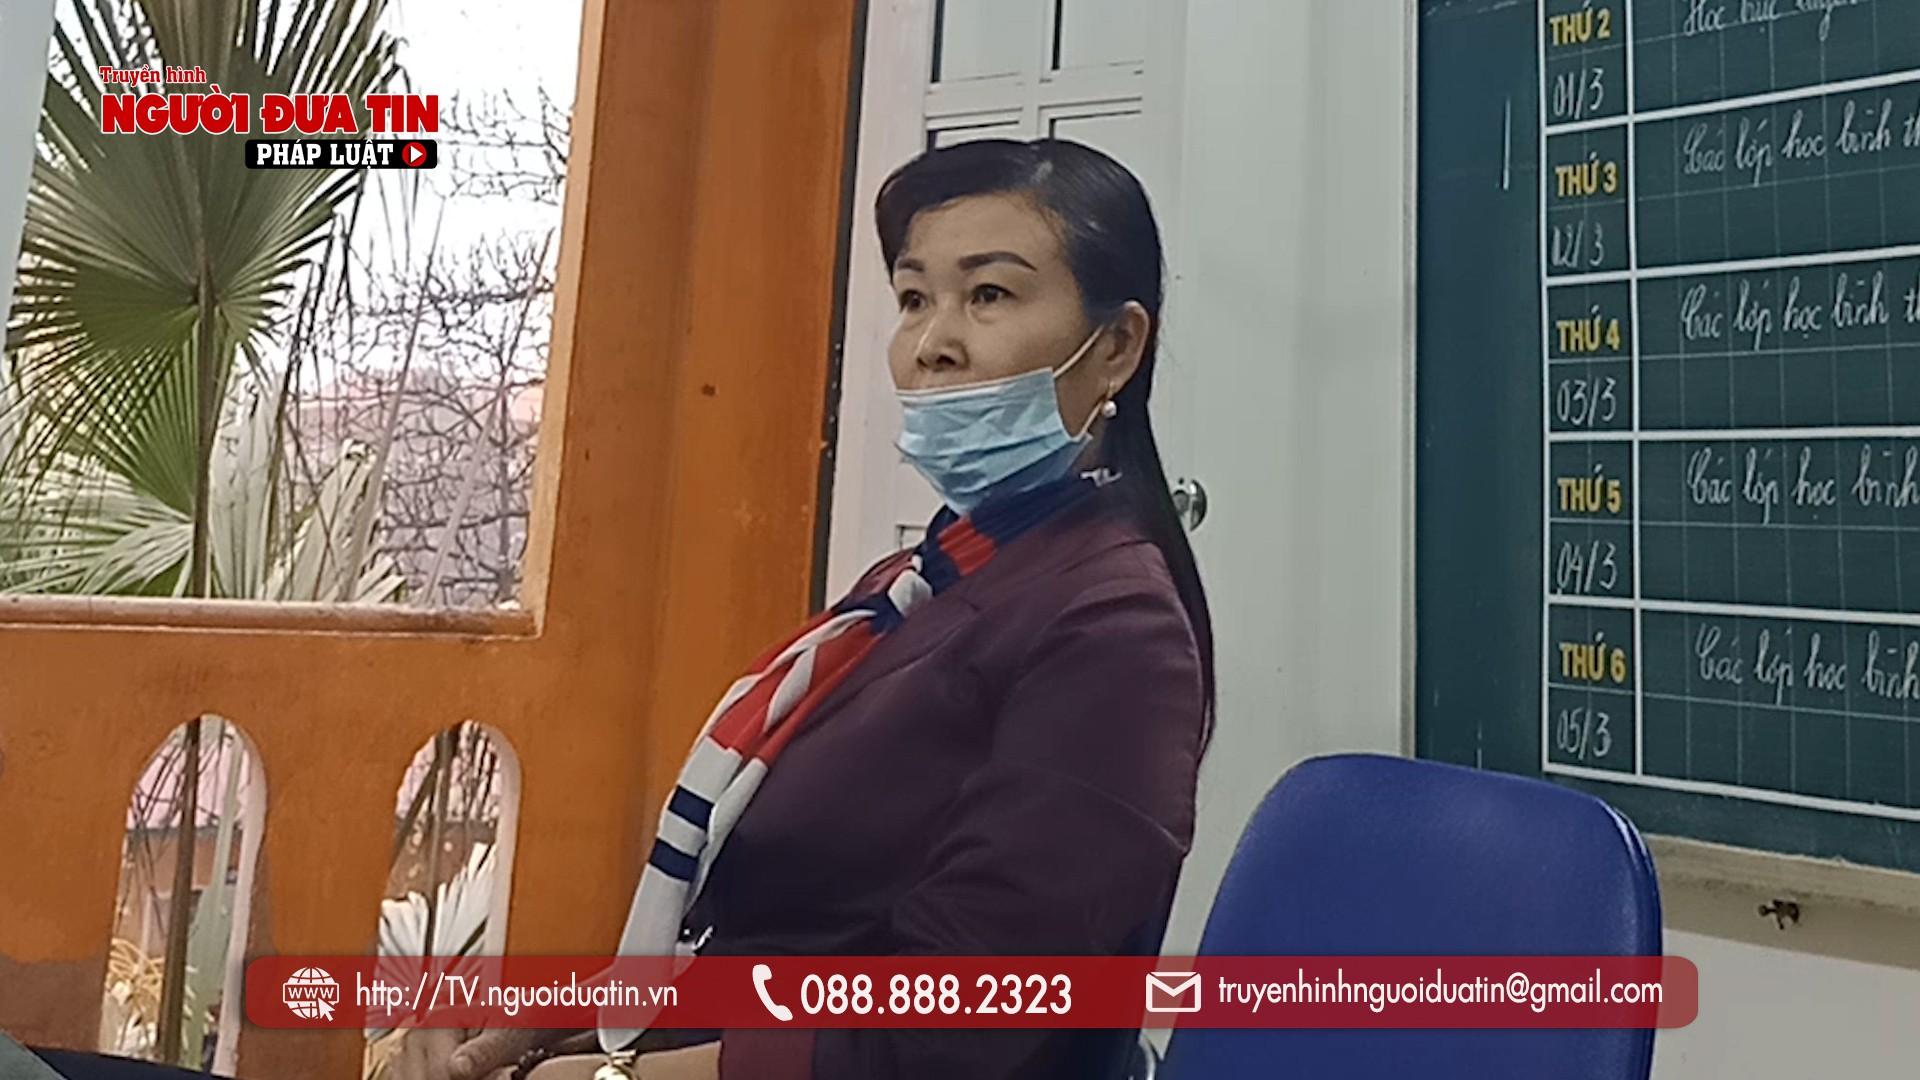 Chống tiêu cực, hai giáo viên ở Hà Nội kêu cứu vì bị cấp trên trù dập - Ảnh 5.